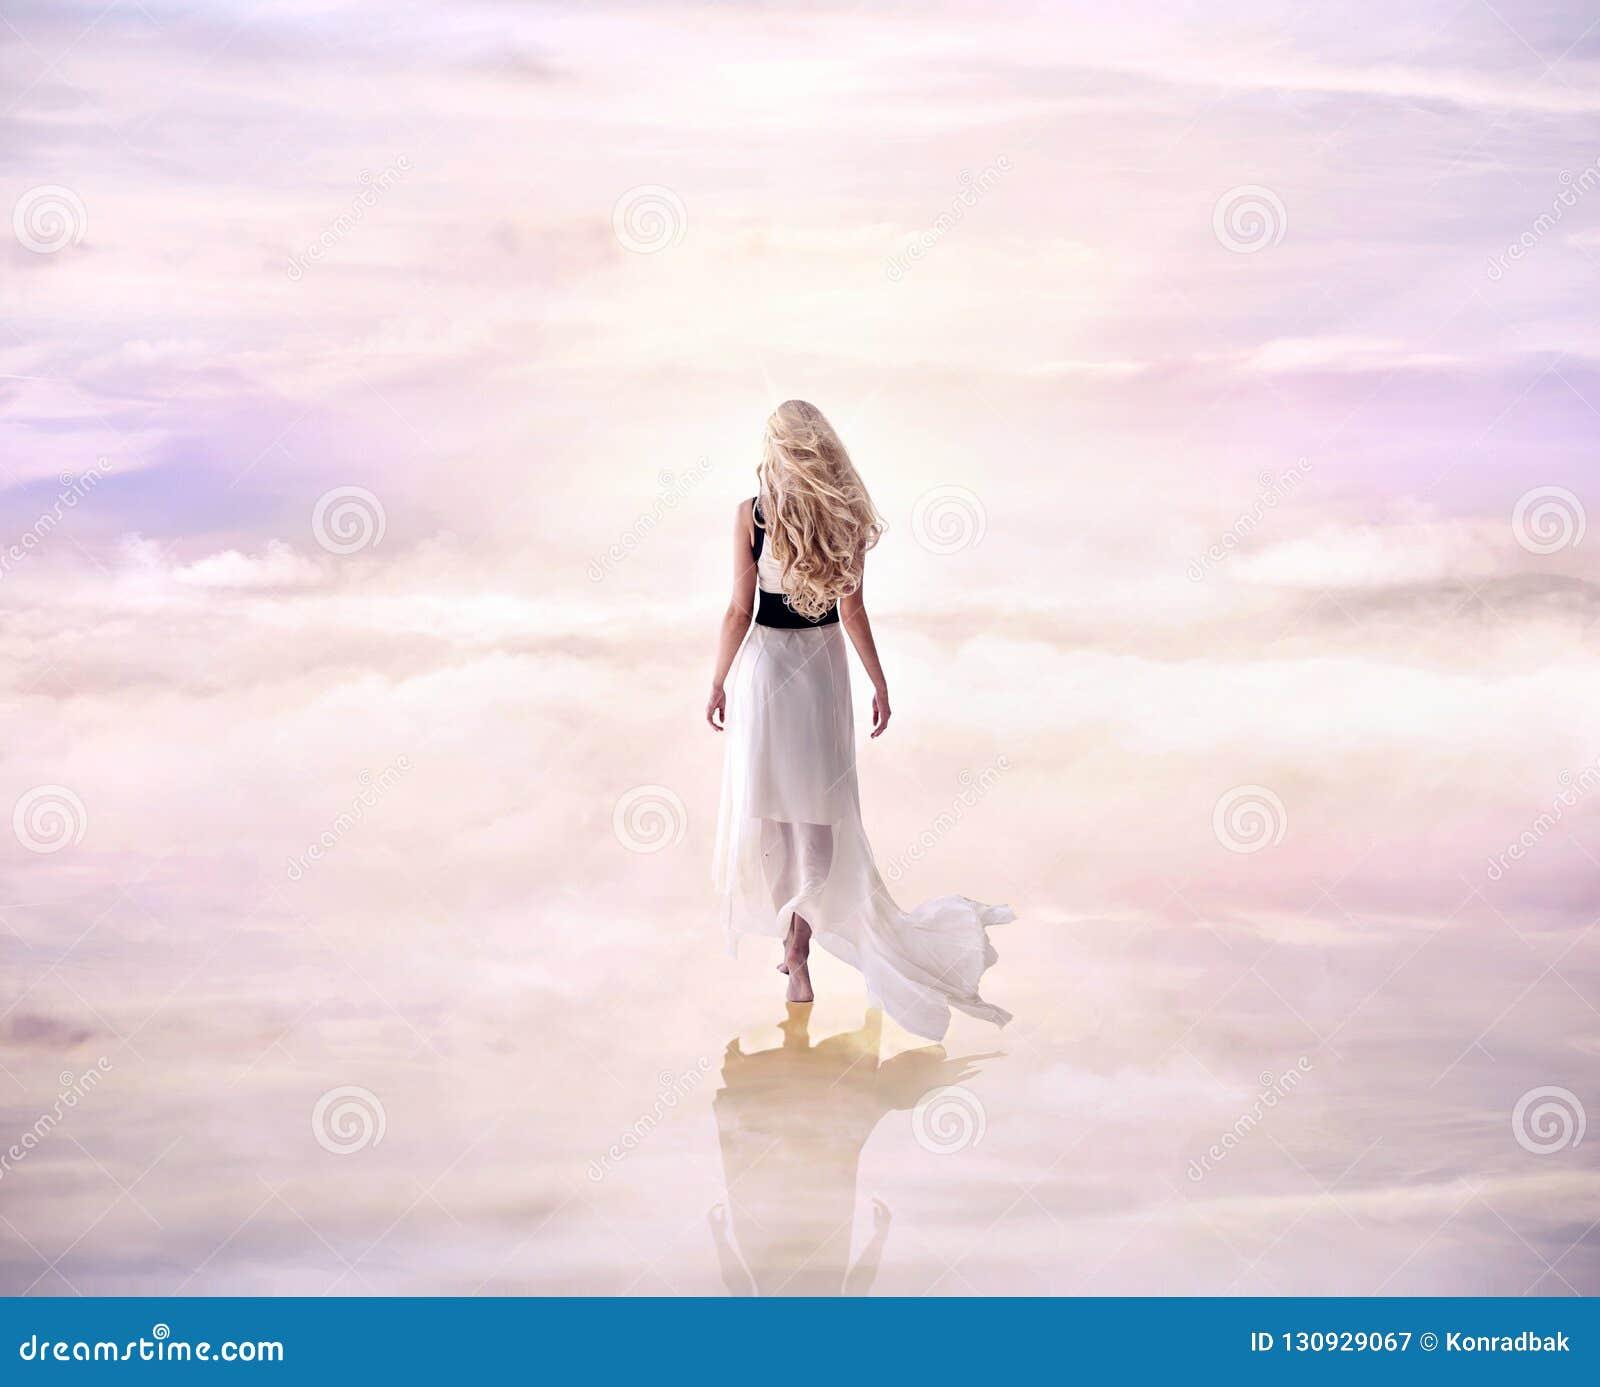 Immagine concettuale di una signora bionda che cammina sul delicato, fluf